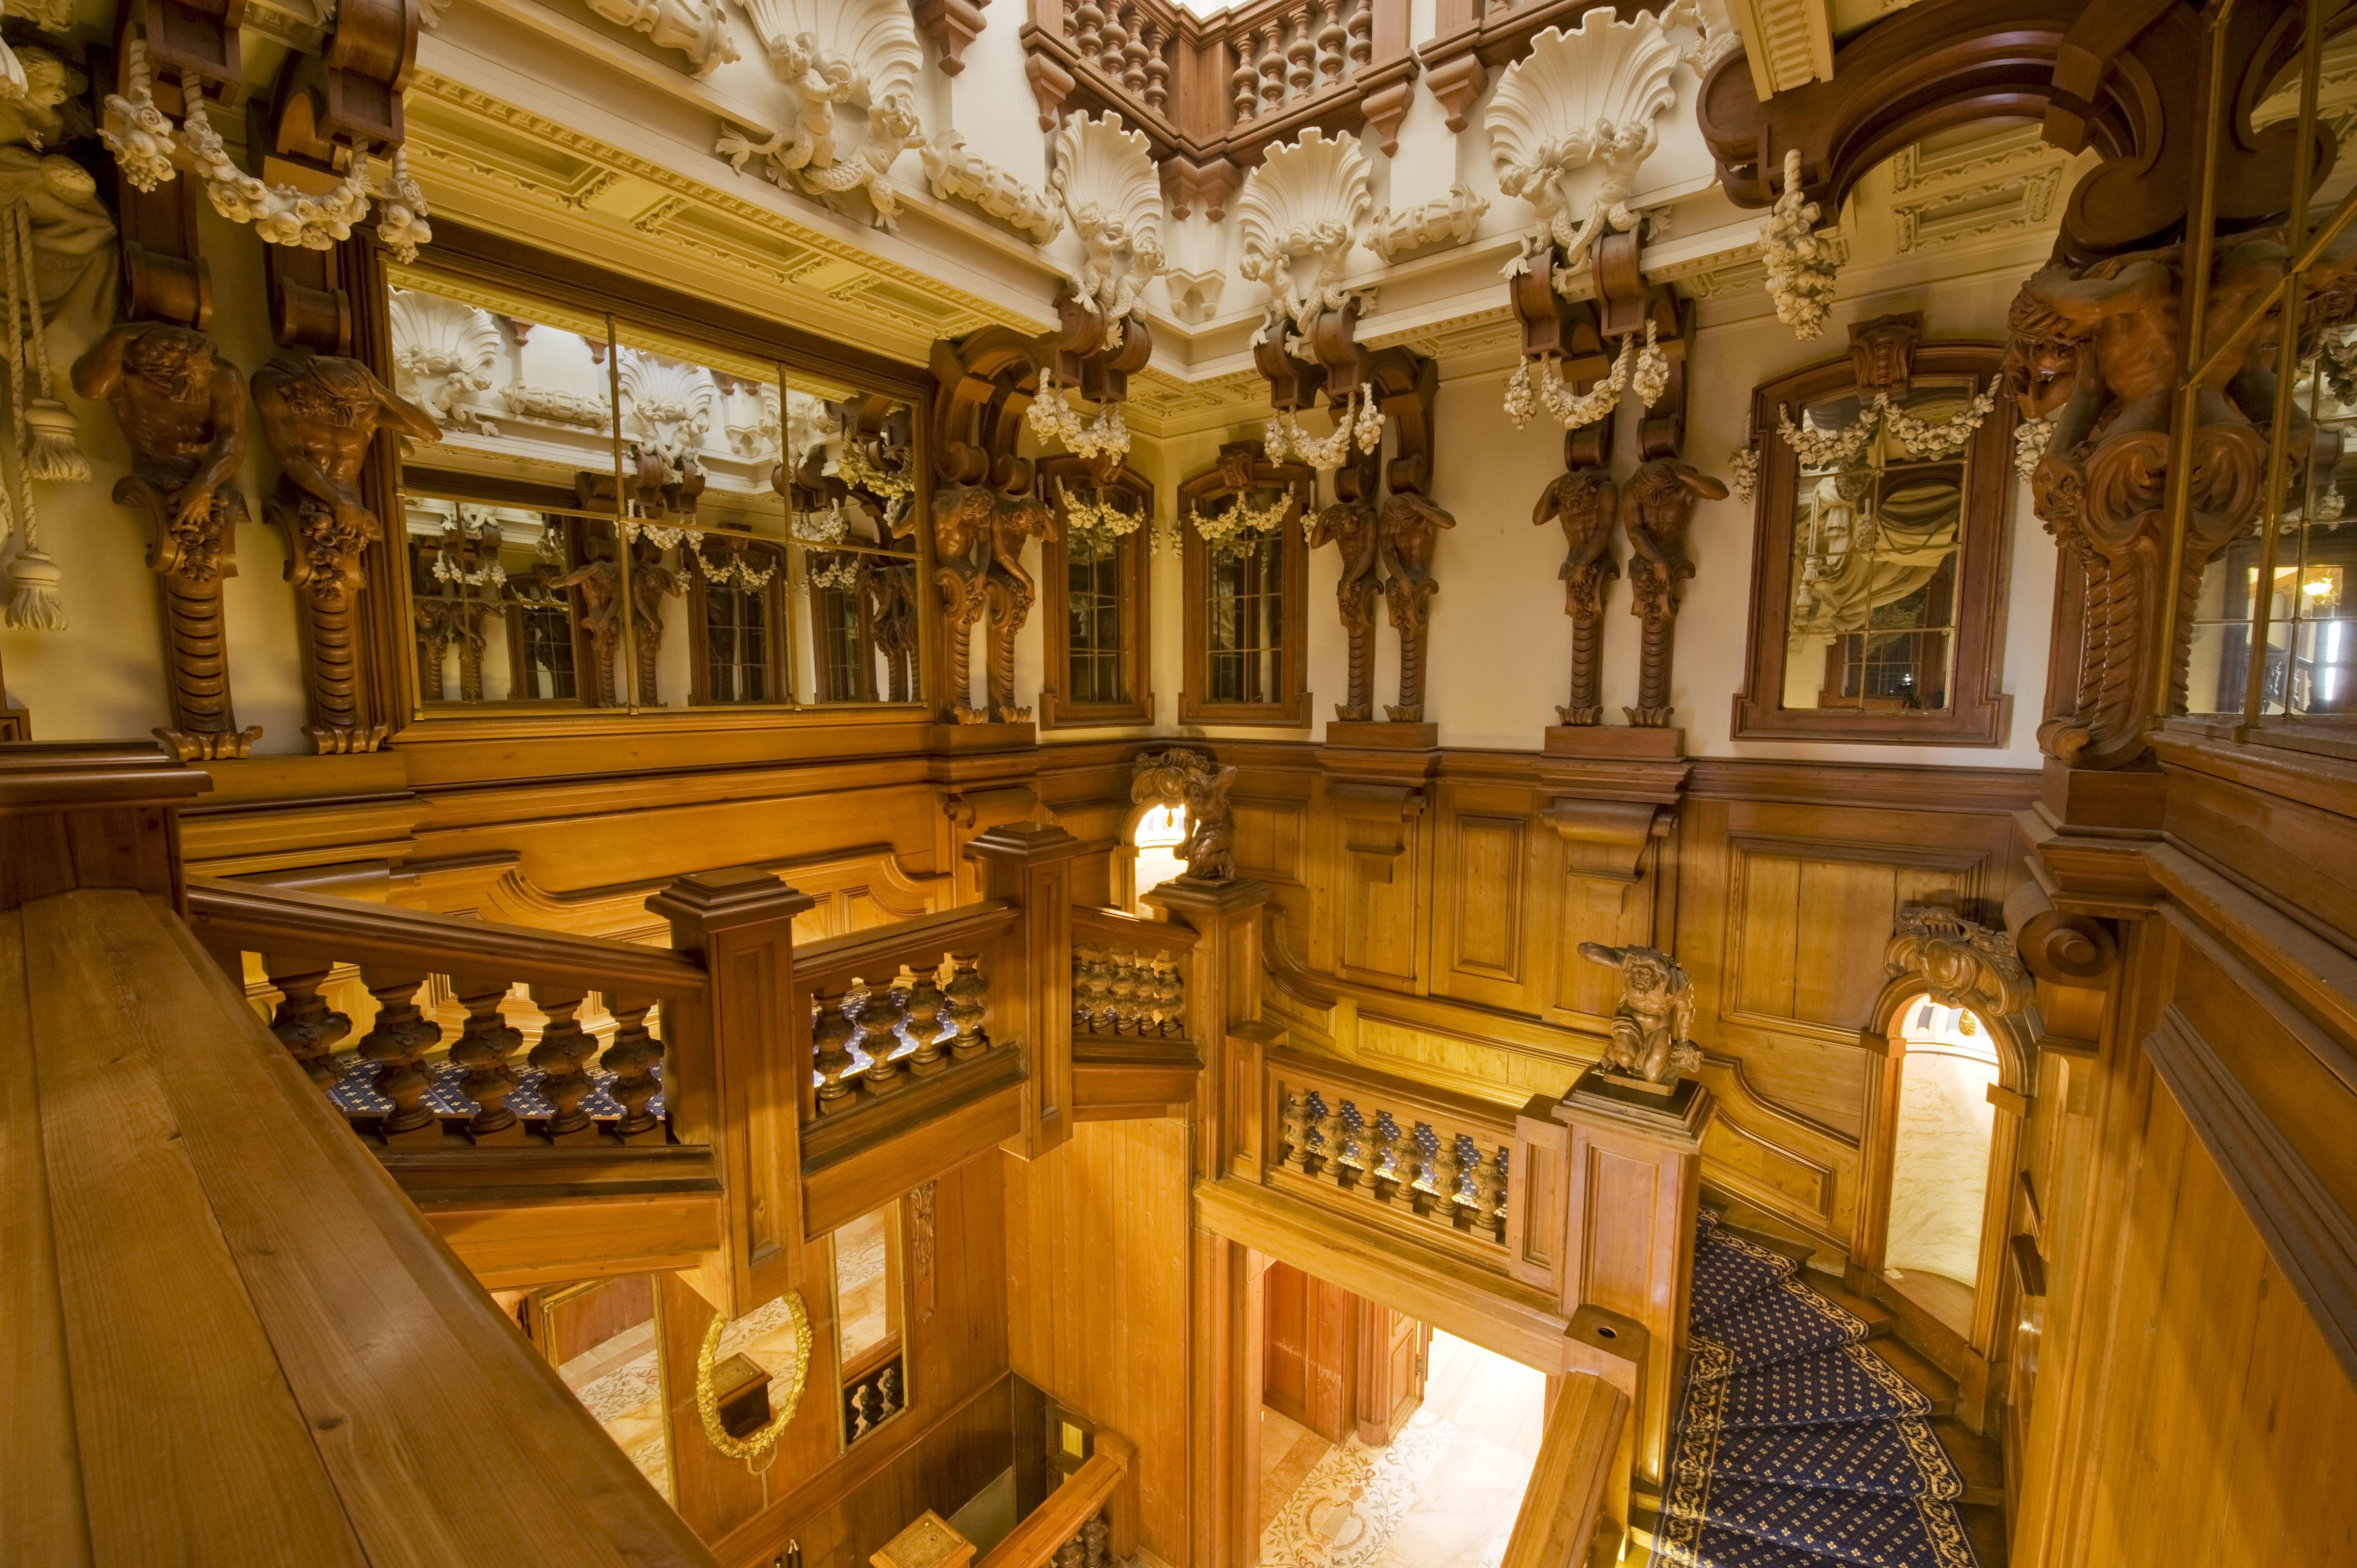 The Venue Harlaxton Medieval Symposium